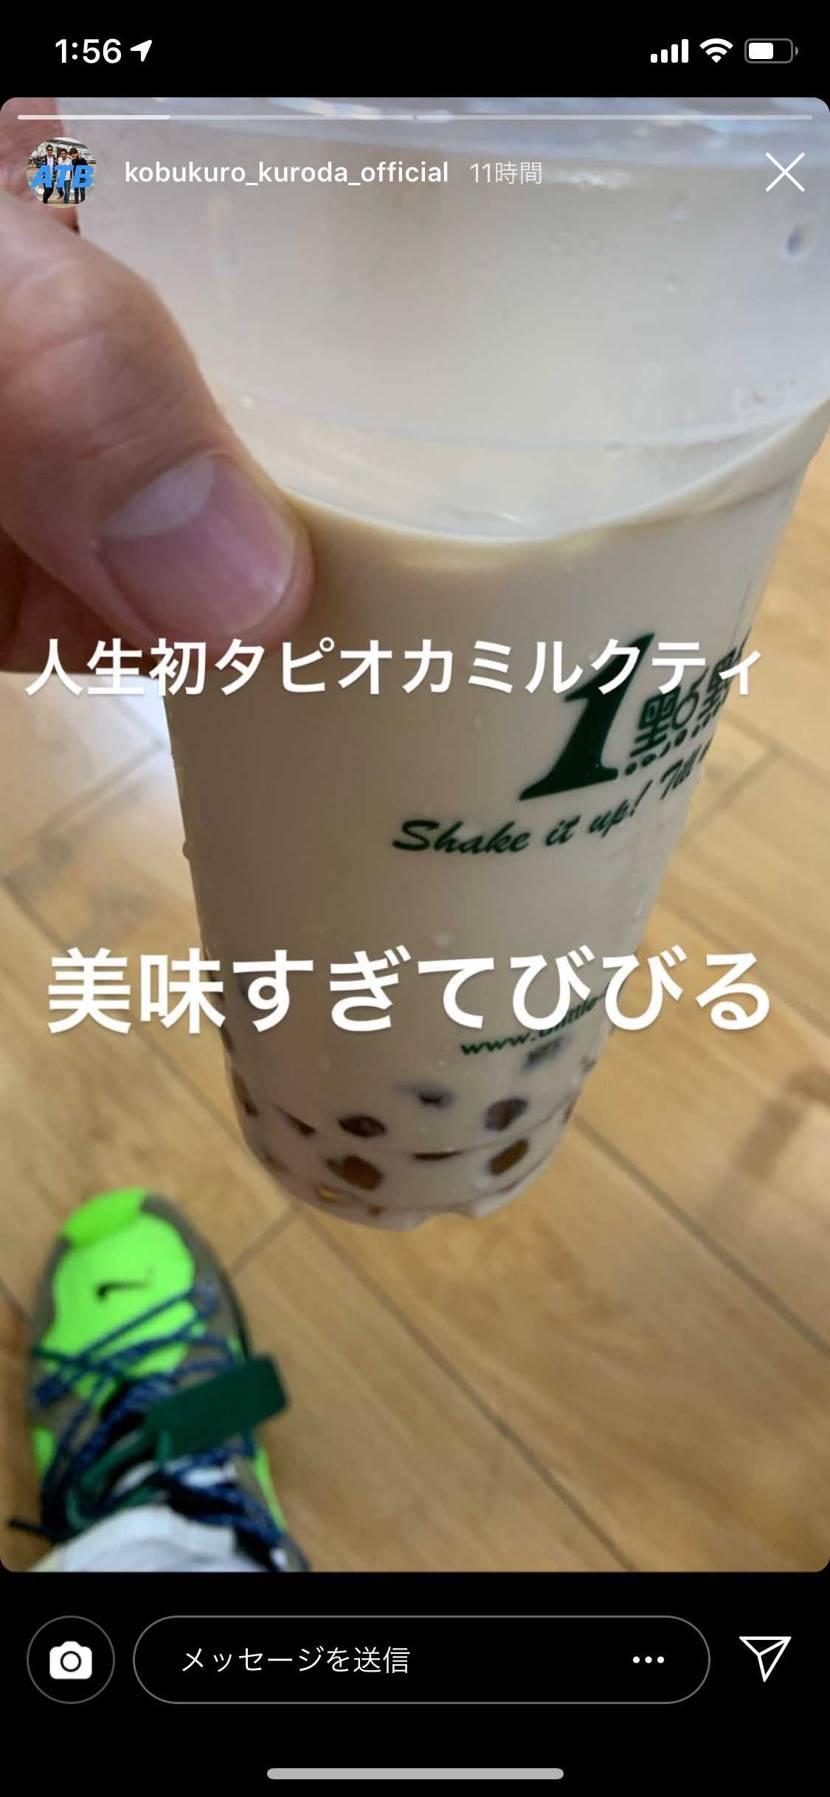 コブクロの黒田さんがグリーン履いてますね! そして宮川大輔さんはホワイト